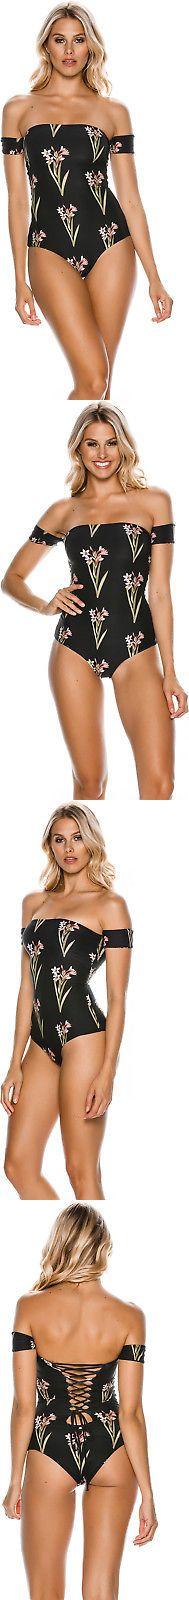 Swimwear 63867: New O Neill Women S Farah One Piece Lace Elastane Black -> BUY IT NOW ONLY: $79.45 on eBay!